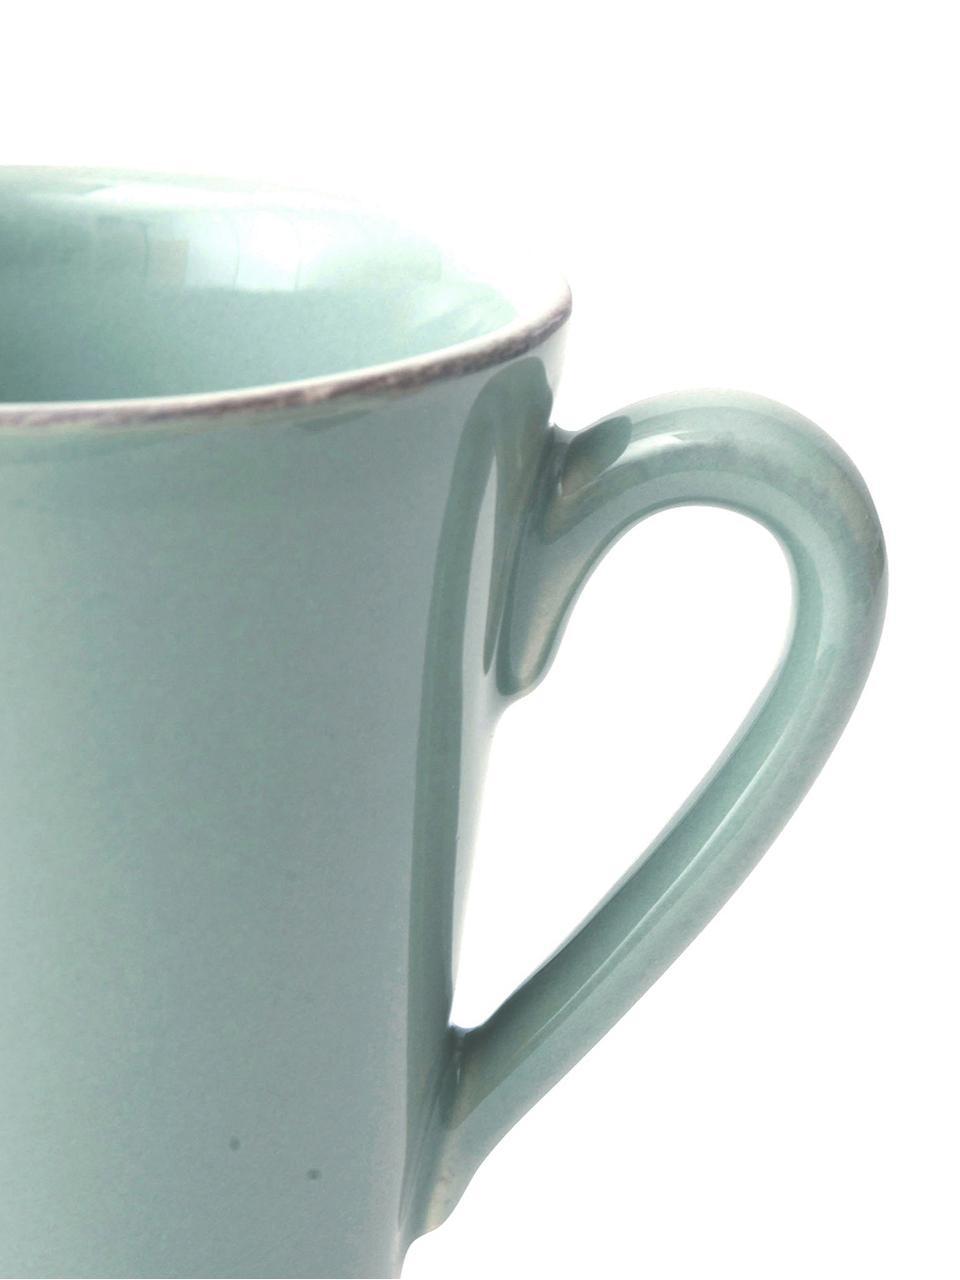 Tassen Constance in Mint im Landhaus Style, 2 Stück, Steingut, Mint, Ø 9 x H 10 cm